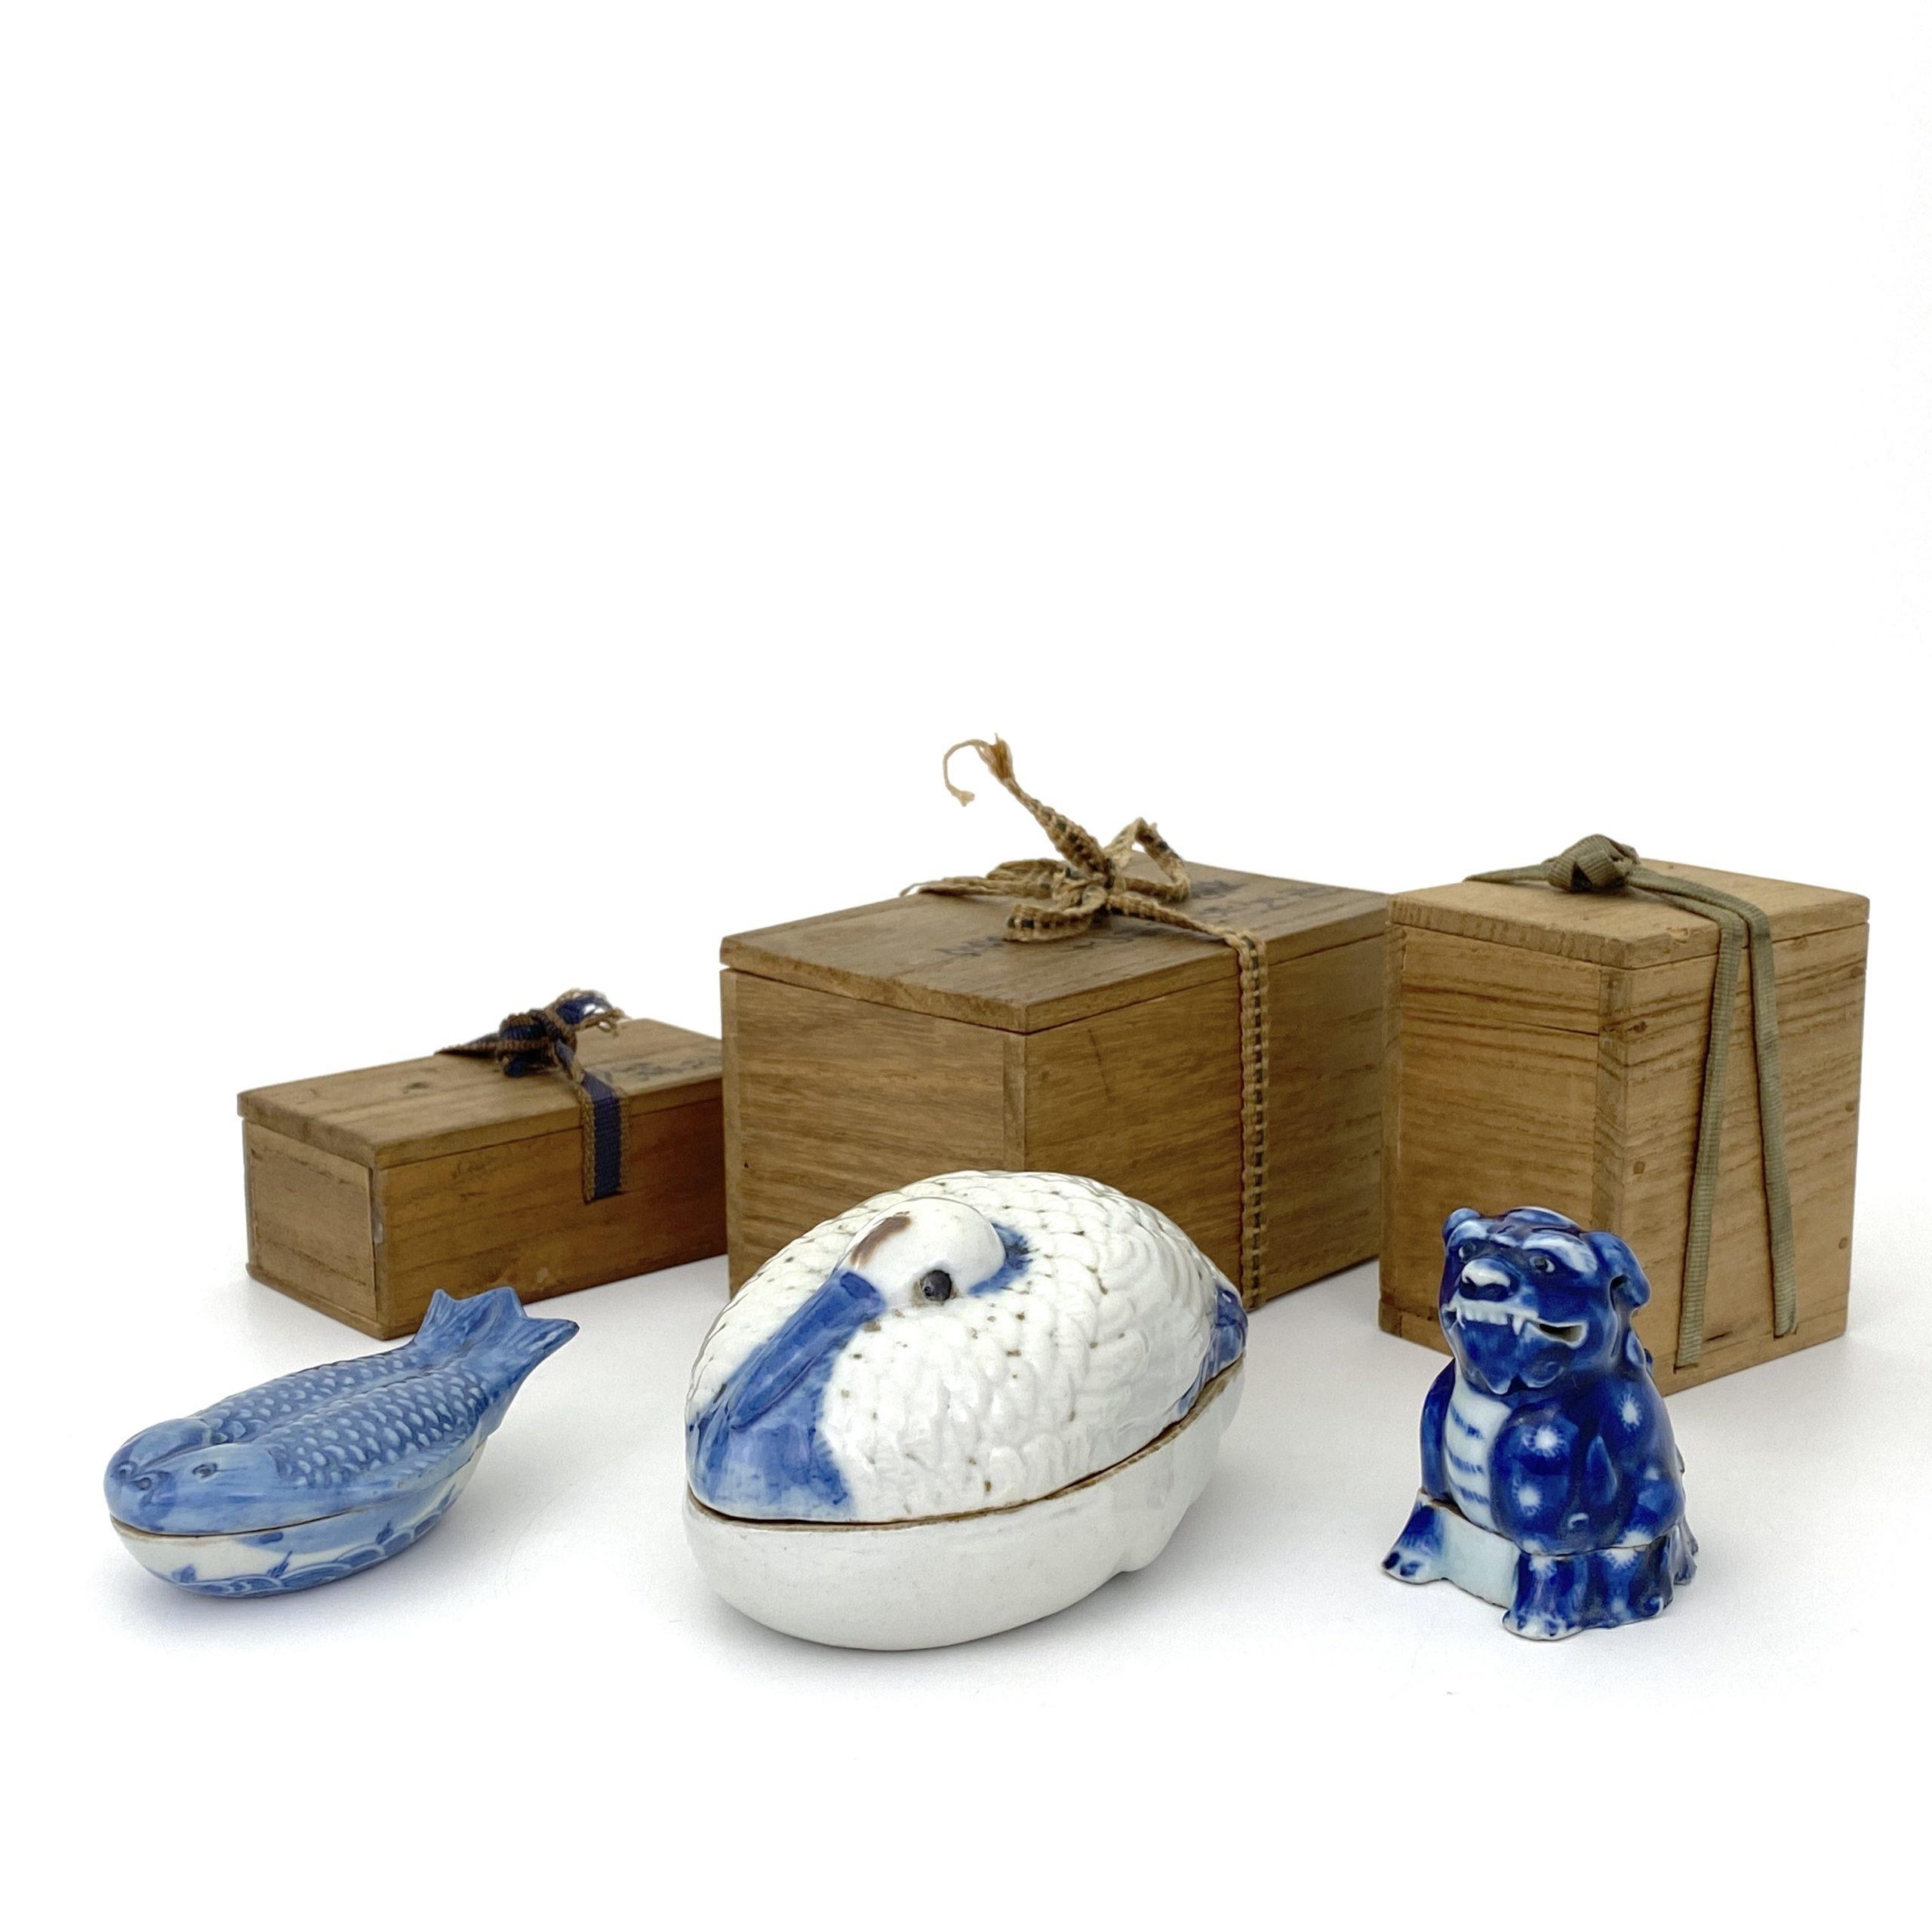 21244清道光「道光年製」款 青花 山水図 鶴形 蓋盒等 計3件